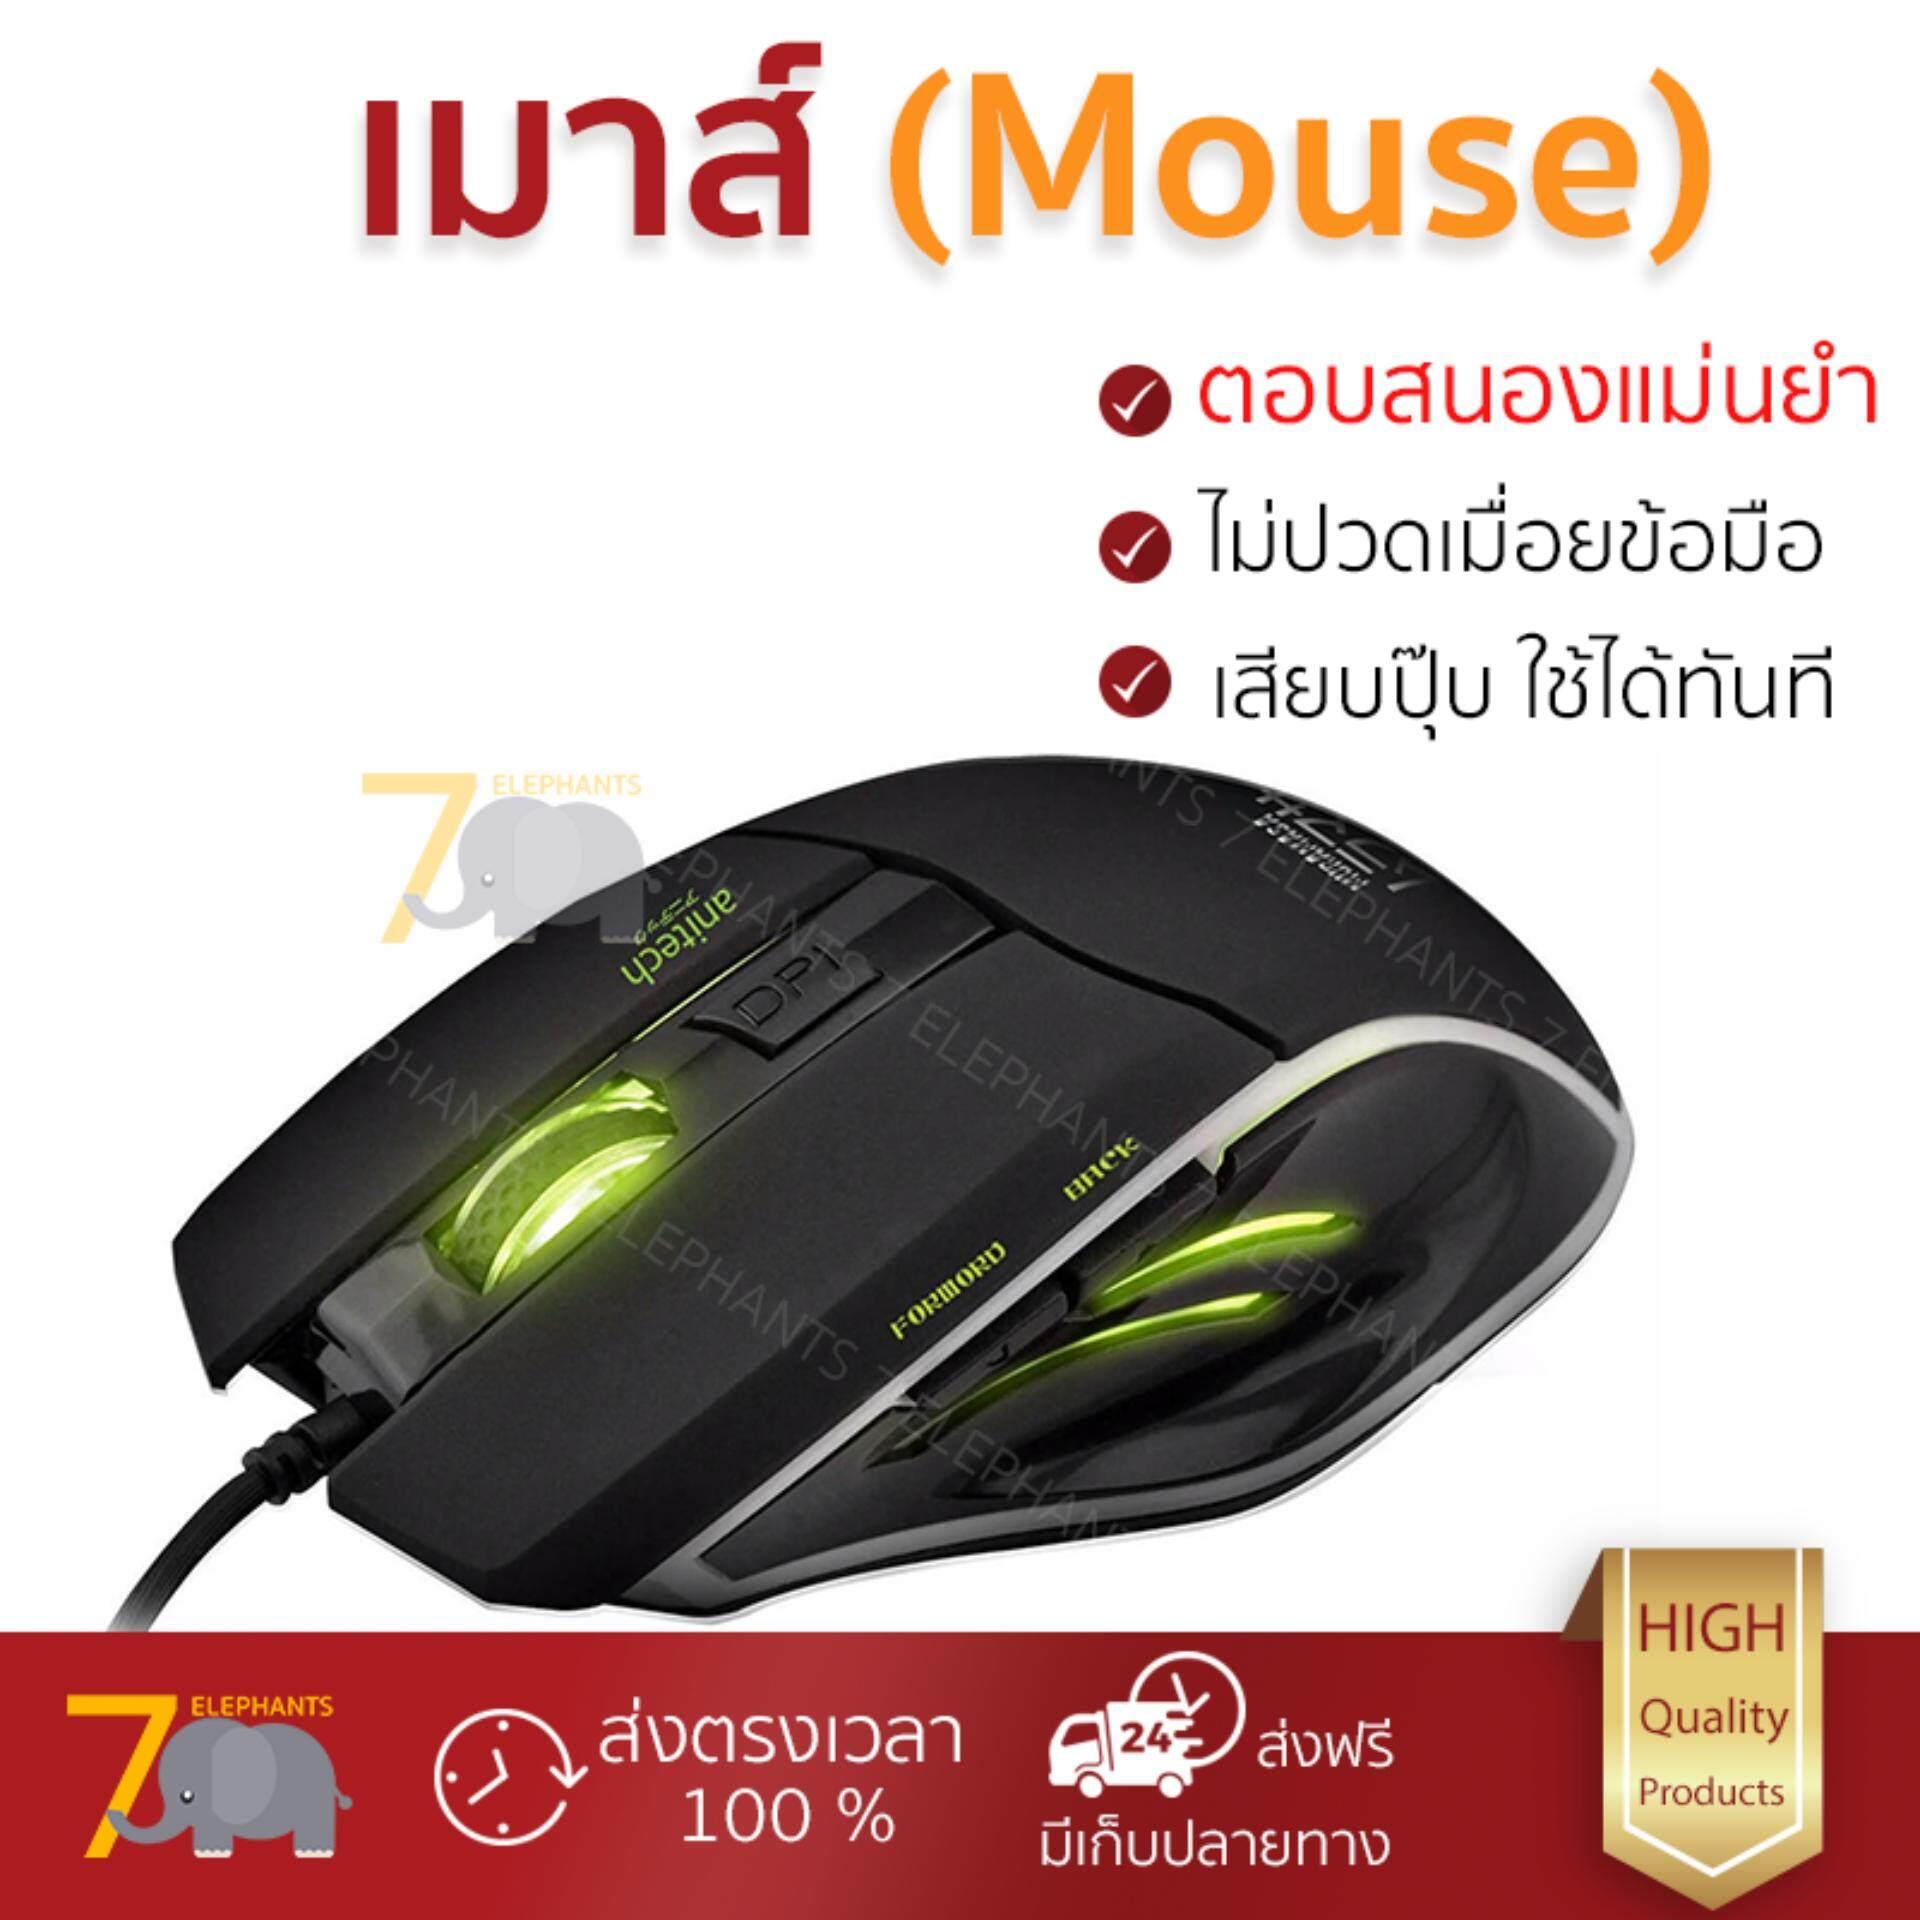 ขายดีมาก! รุ่นใหม่ล่าสุด เมาส์           ANITECH เมาส์เกมมิ่ง รุ่น GM101             เซนเซอร์คุณภาพสูง ทำงานได้ลื่นไหล ไม่มีสะดุด Computer Mouse  รับประกันสินค้า 1 ปี จัดส่งฟรี Kerry ทั่วประเทศ